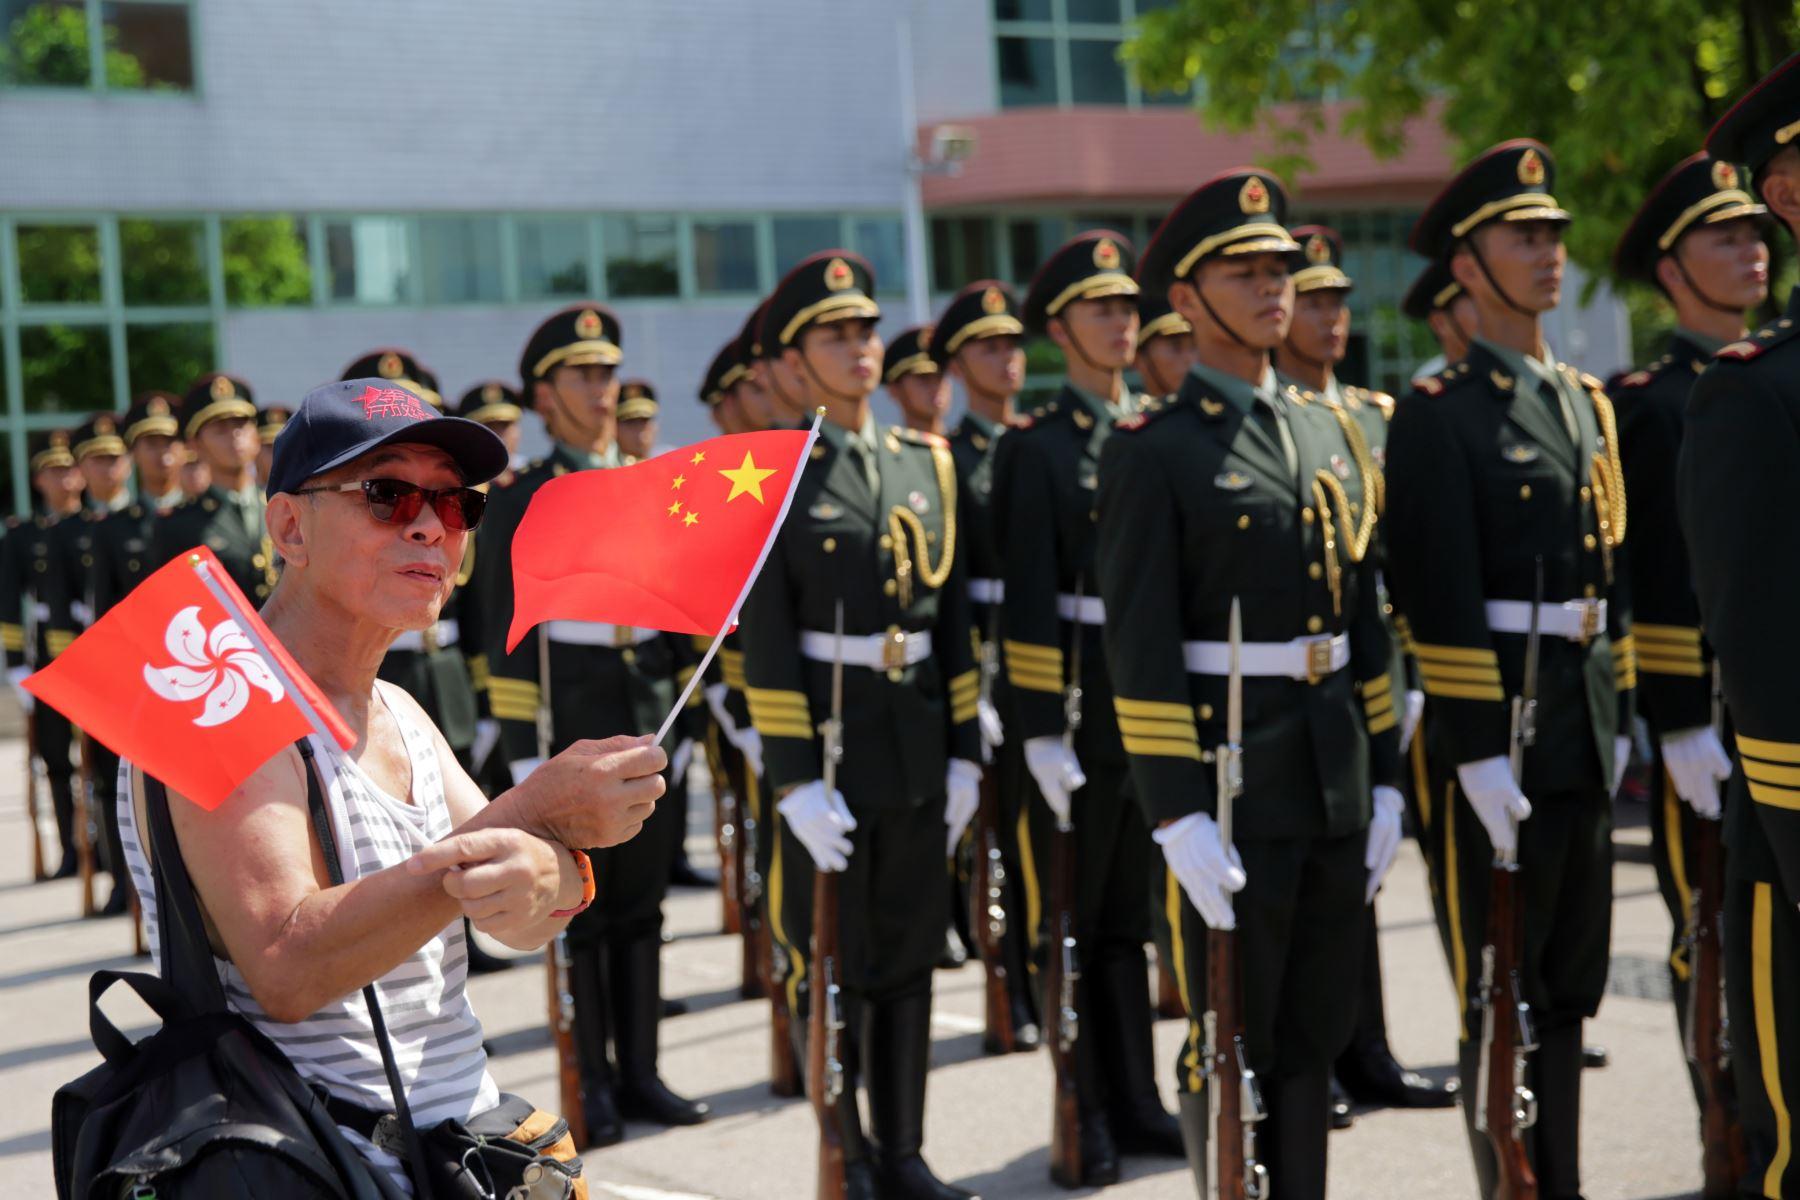 El anuncio tiene lugar dos días después de que Pekín anunciara que está construyendo su segundo portaviones, coincidiendo con las disputas marítimas que mantiene con sus vecinos por la soberanía de varios islotes en el mar de China. Foto: AFP